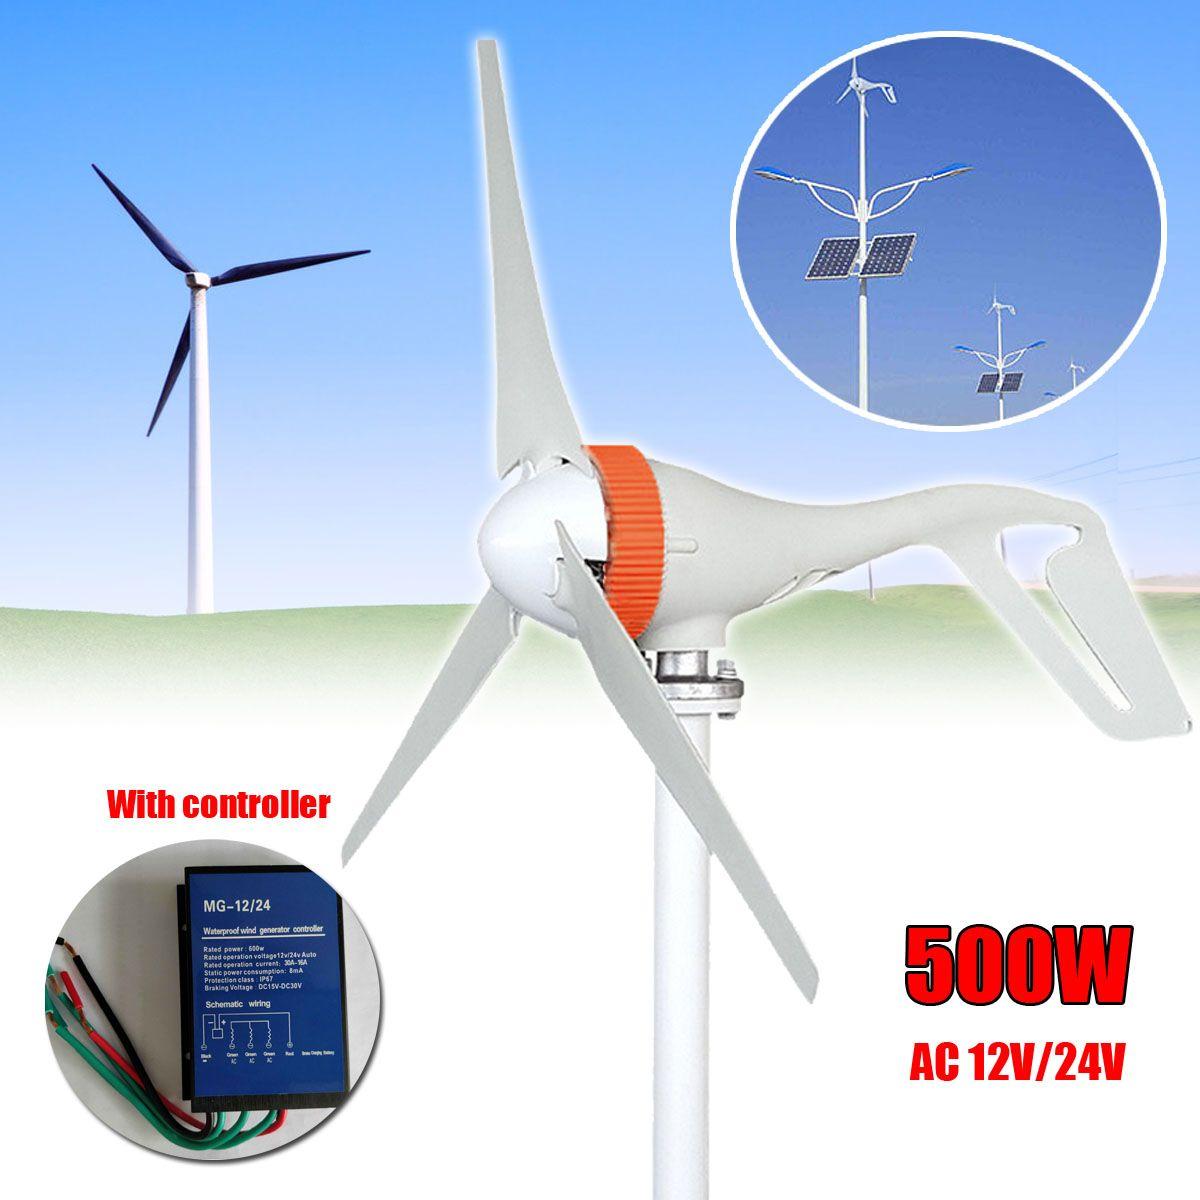 AC 12 v/24 v 500 watt 3 Klingen Wind Generator Mini Windkraftanlagen Miniatur Wind Turbinen Generator Mit controller für den heimgebrauch